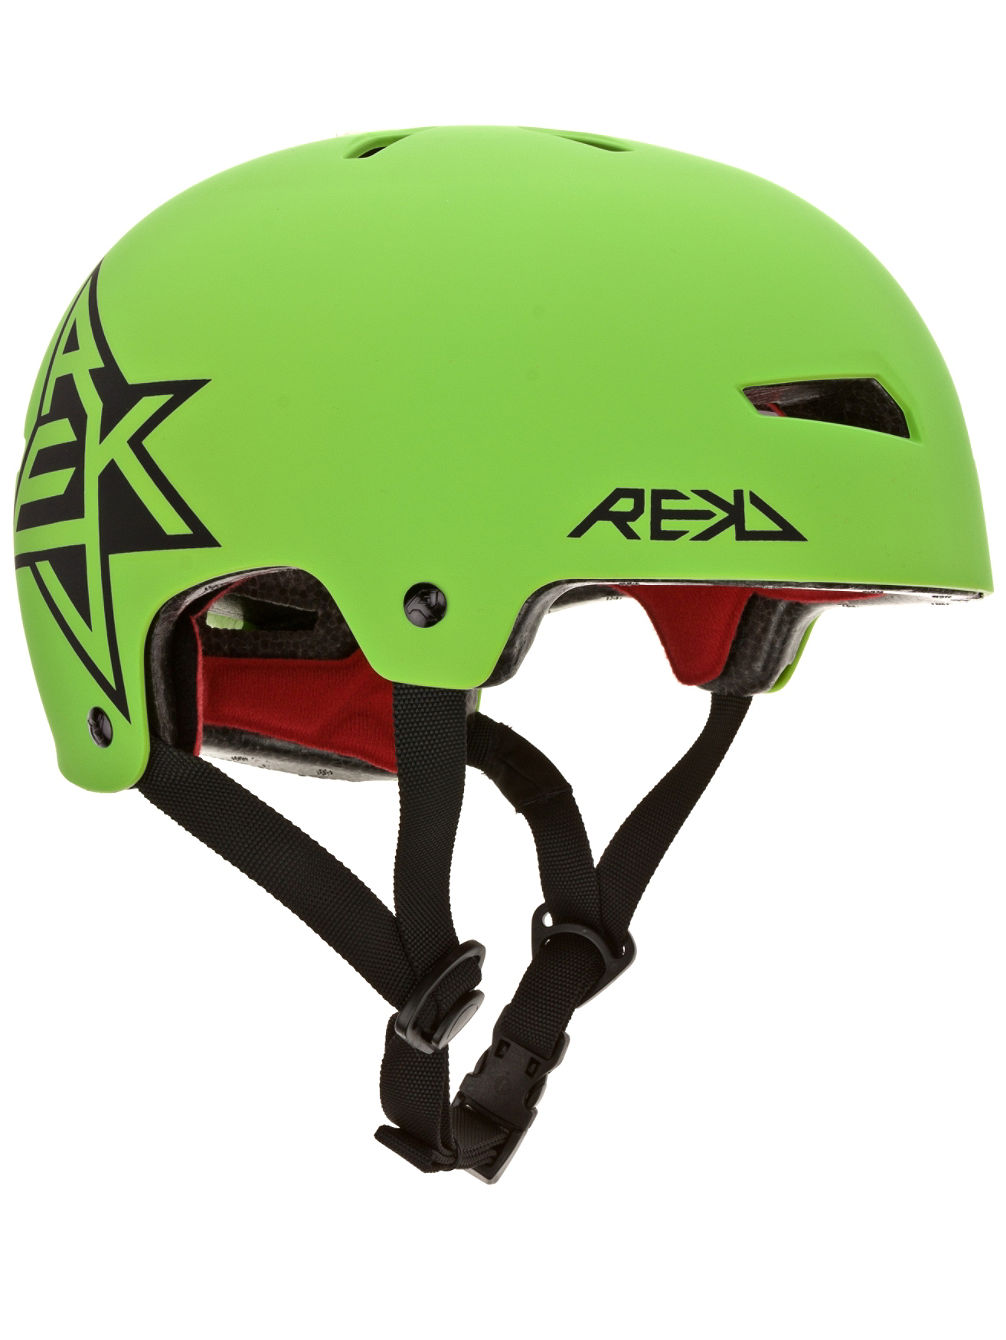 rekd-elite-icon-helmet